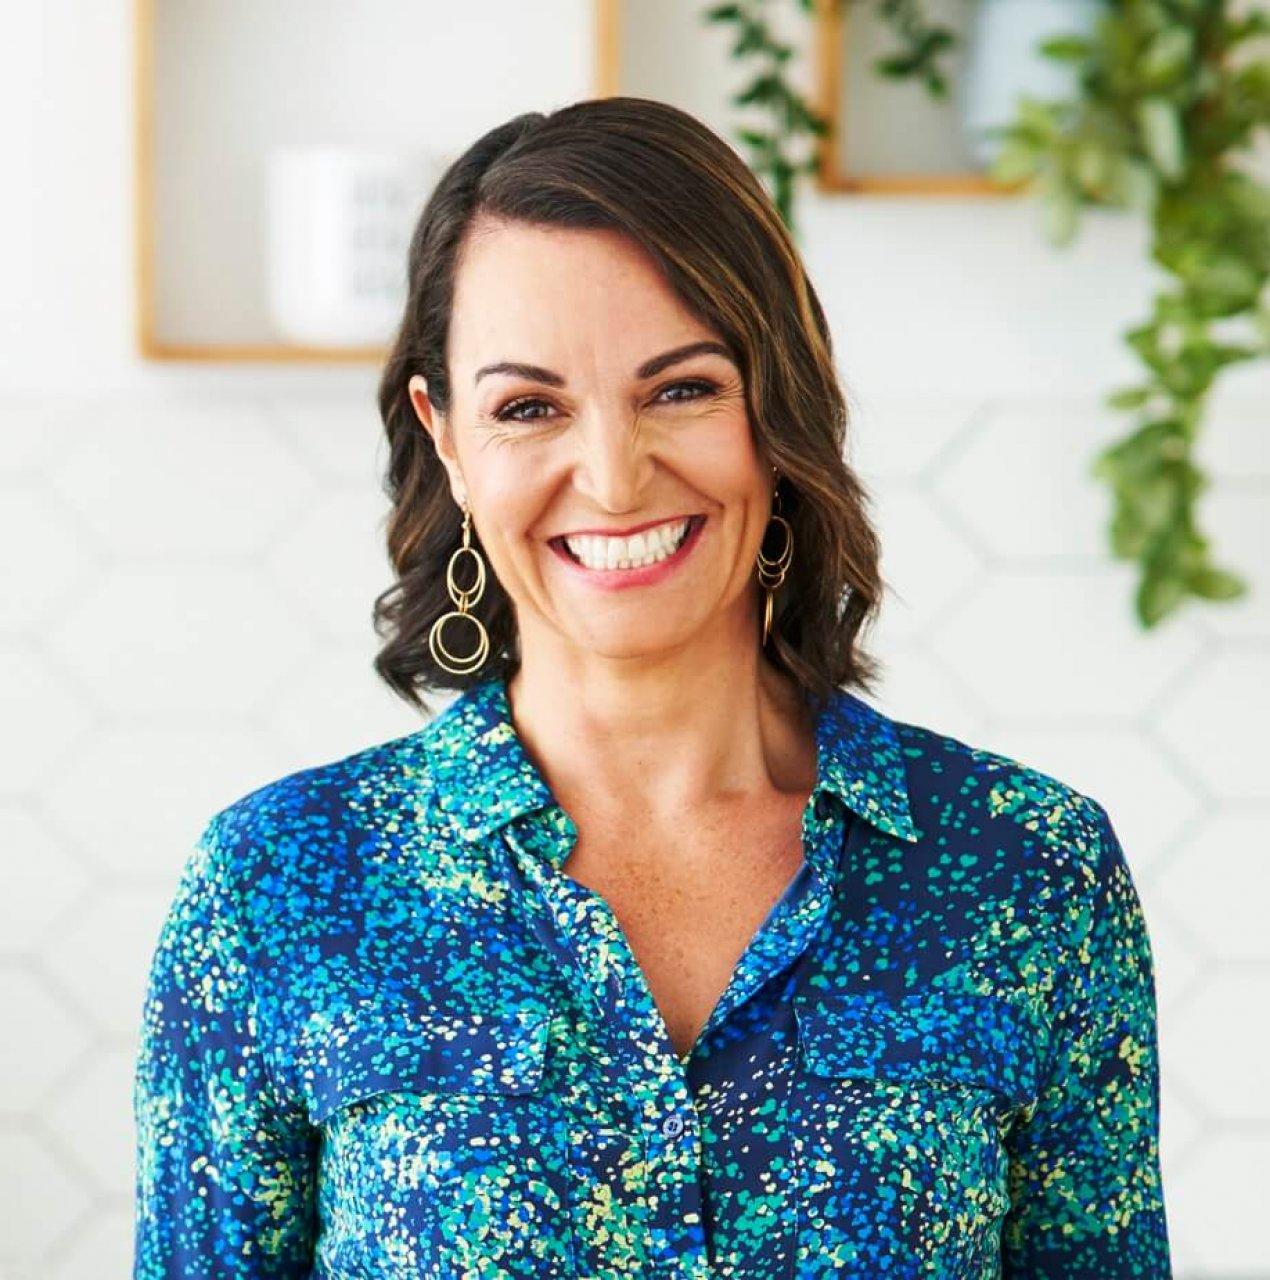 Dr. Joanna McMillan